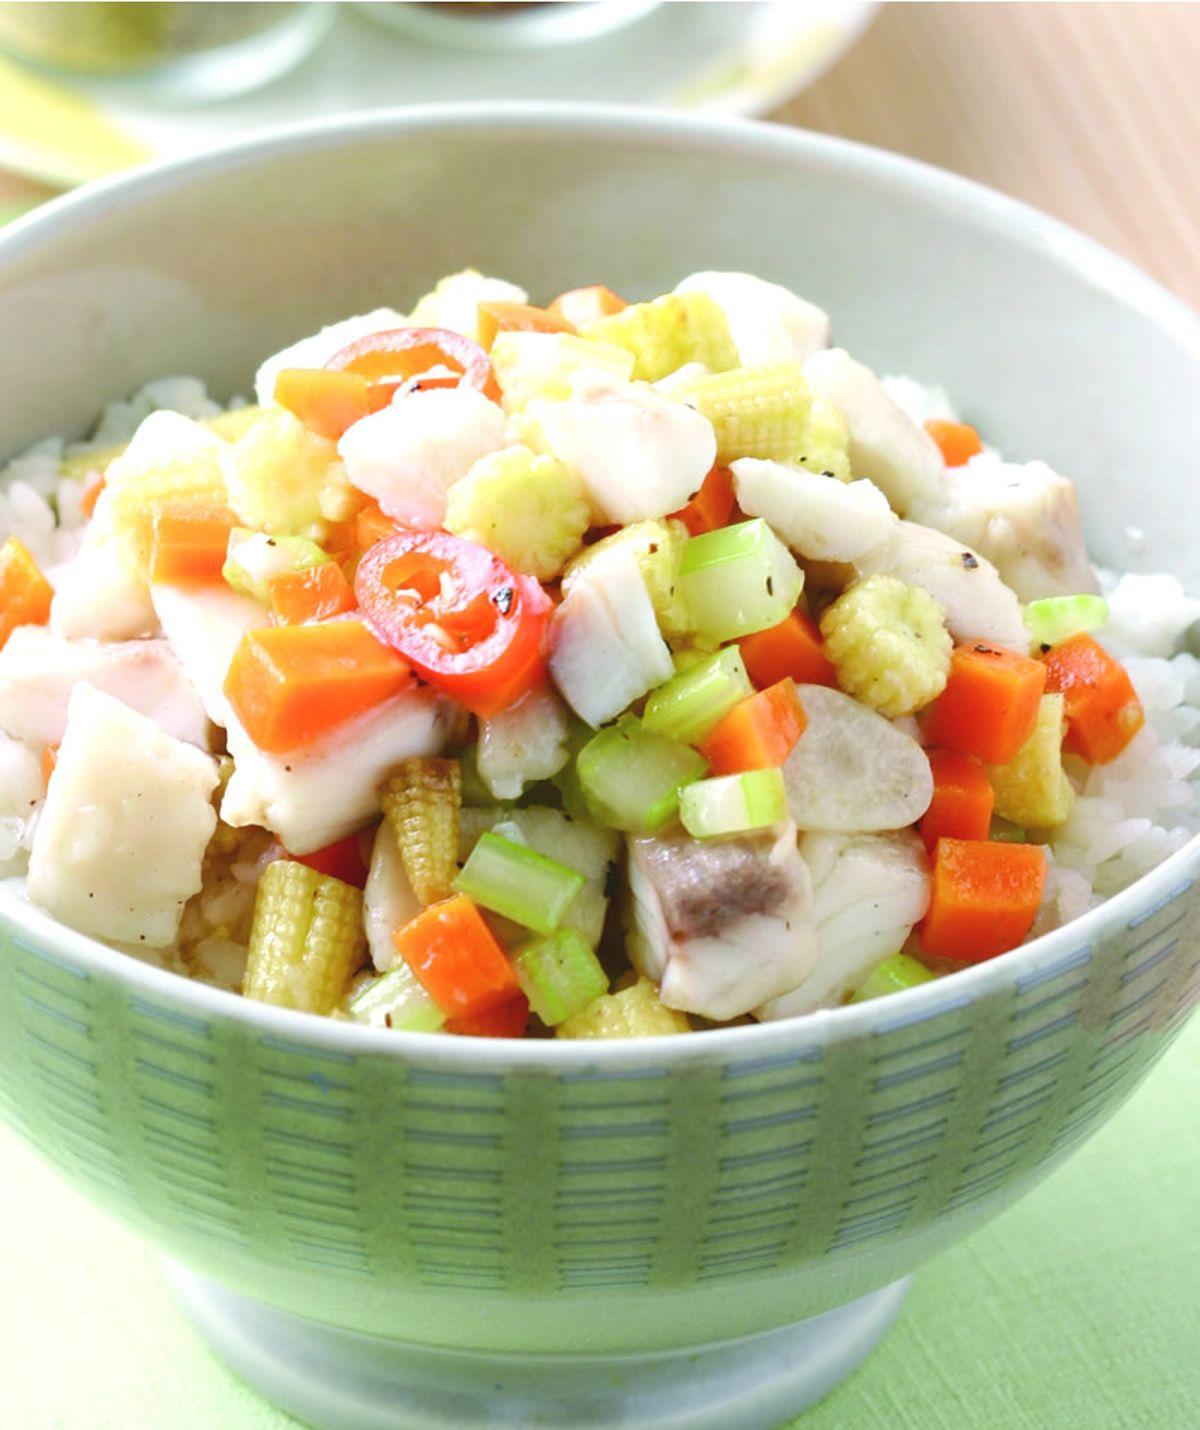 食譜:蒜香魚丁燴飯